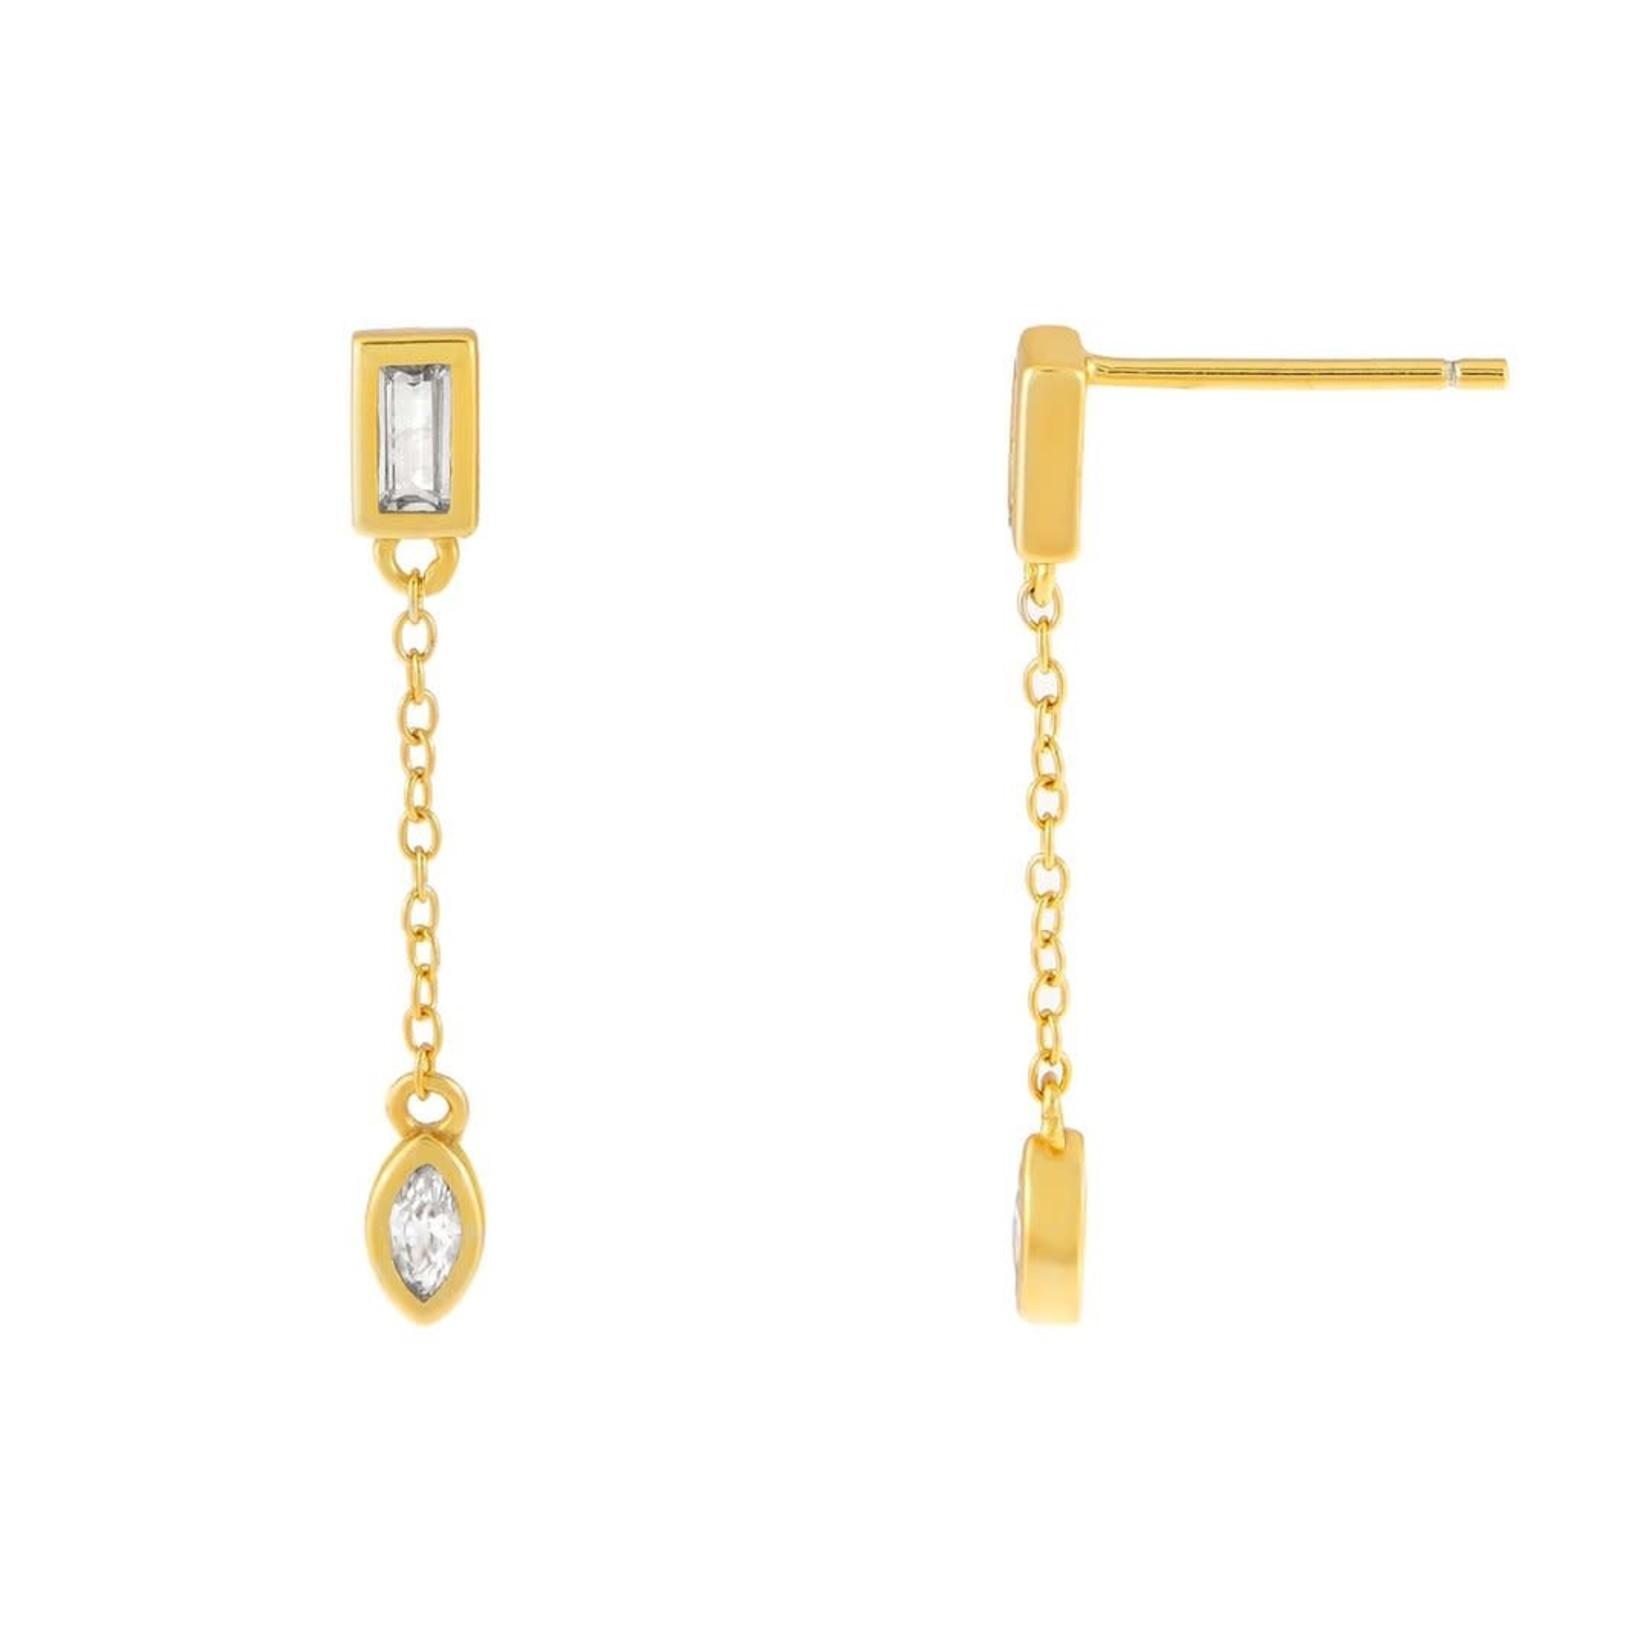 Adinas CZ Baguette X Teardrop Chain Drop Stud Earrings